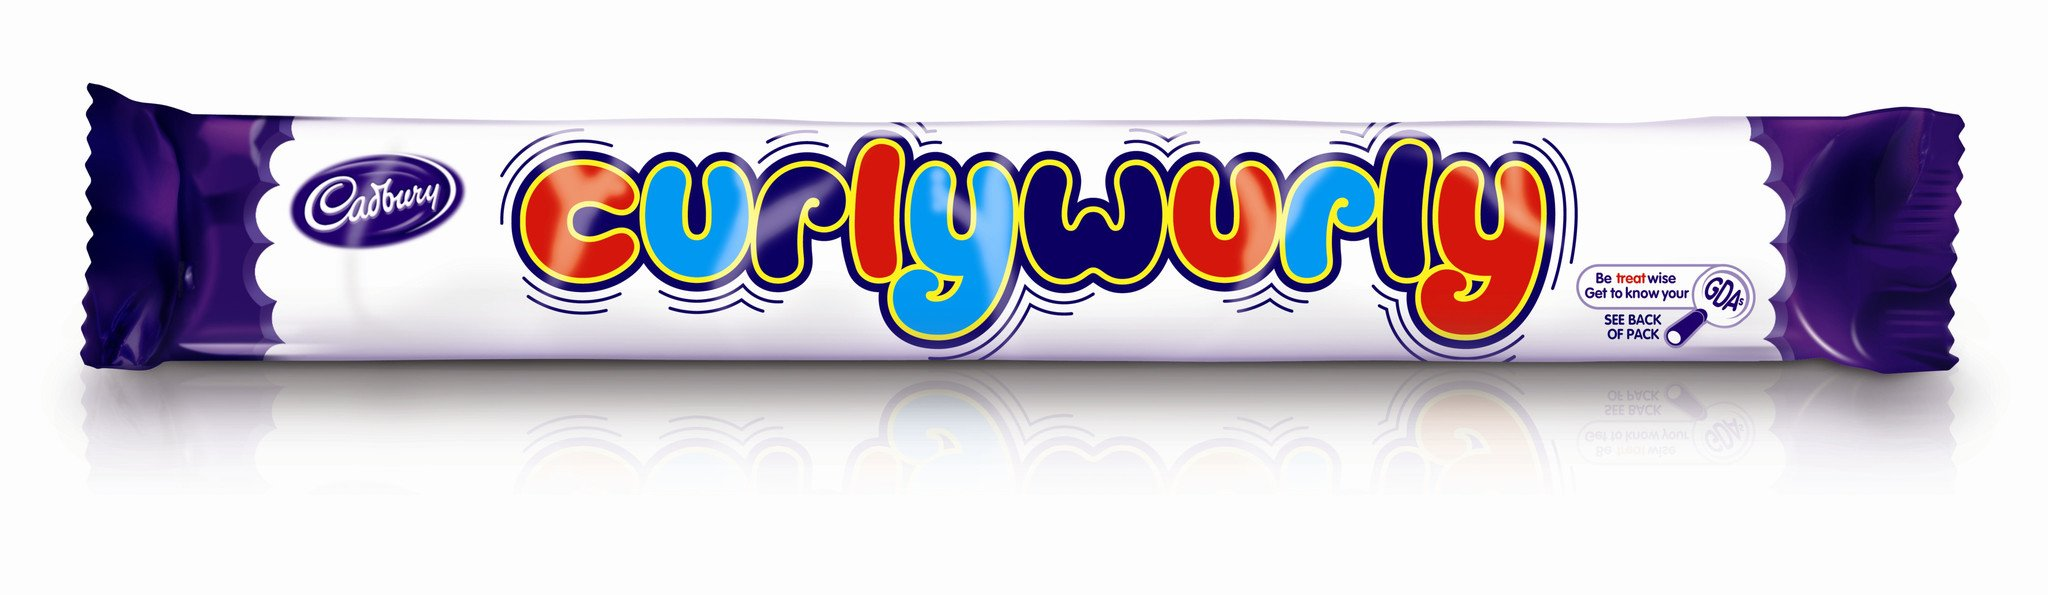 Cadbury-curly-wurly-candy-bar